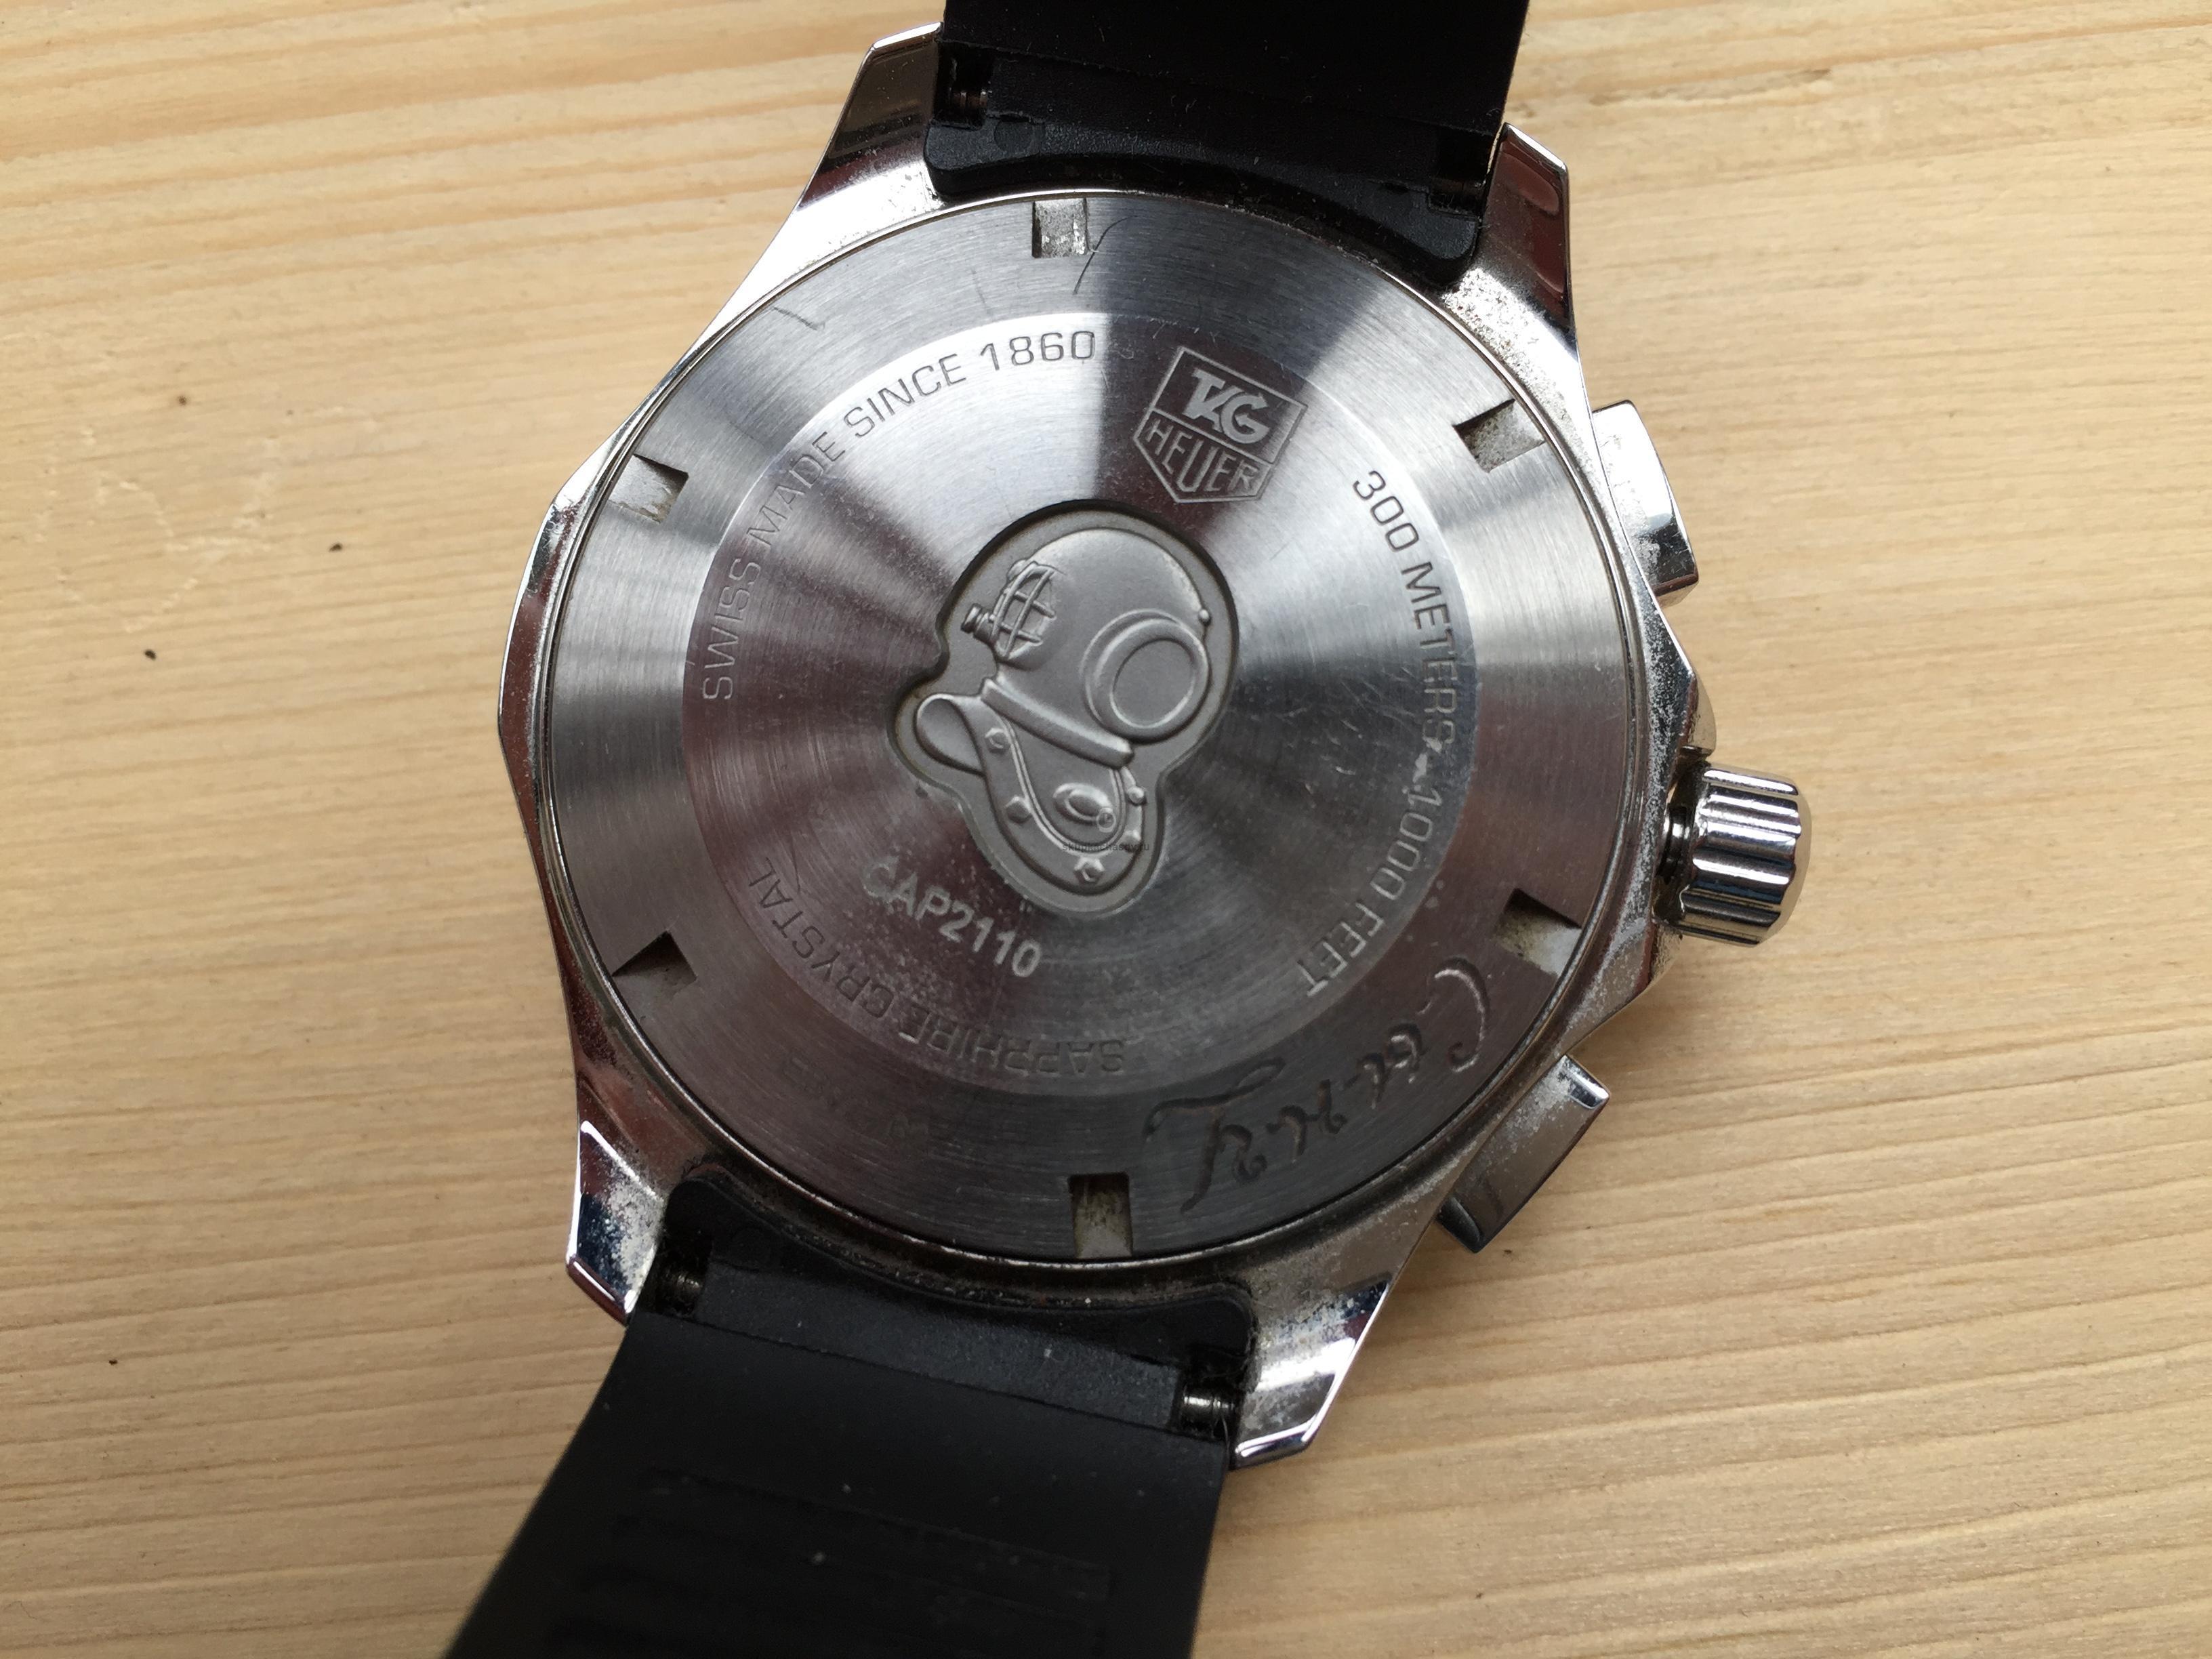 Купить наручные часы Tag Heuer Aquaracer в Часовой ломбард